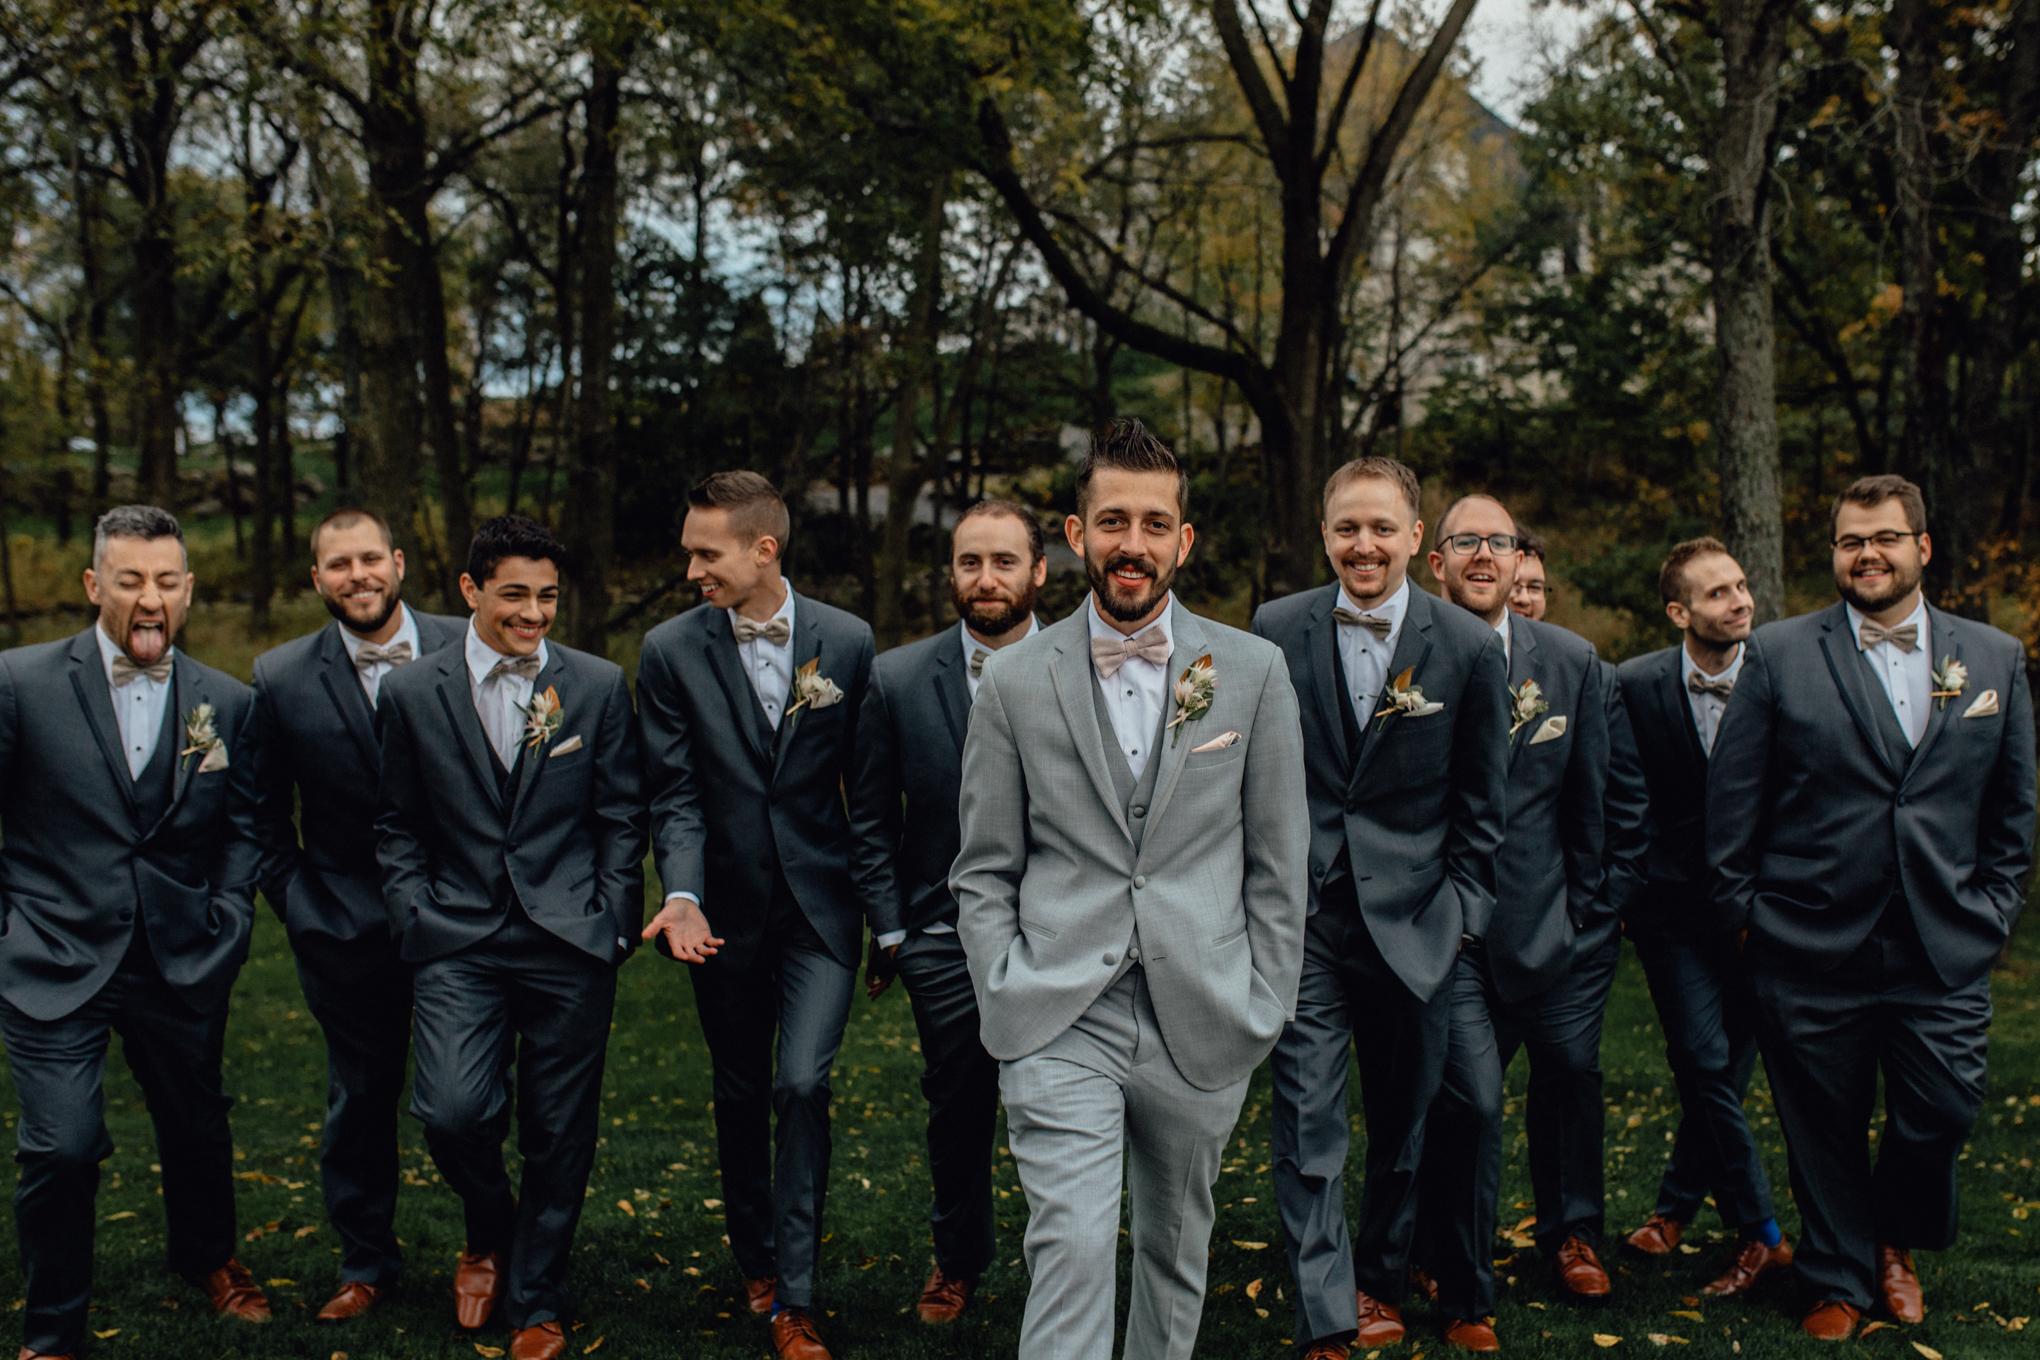 groomsmen-walking-in-grass.jpg